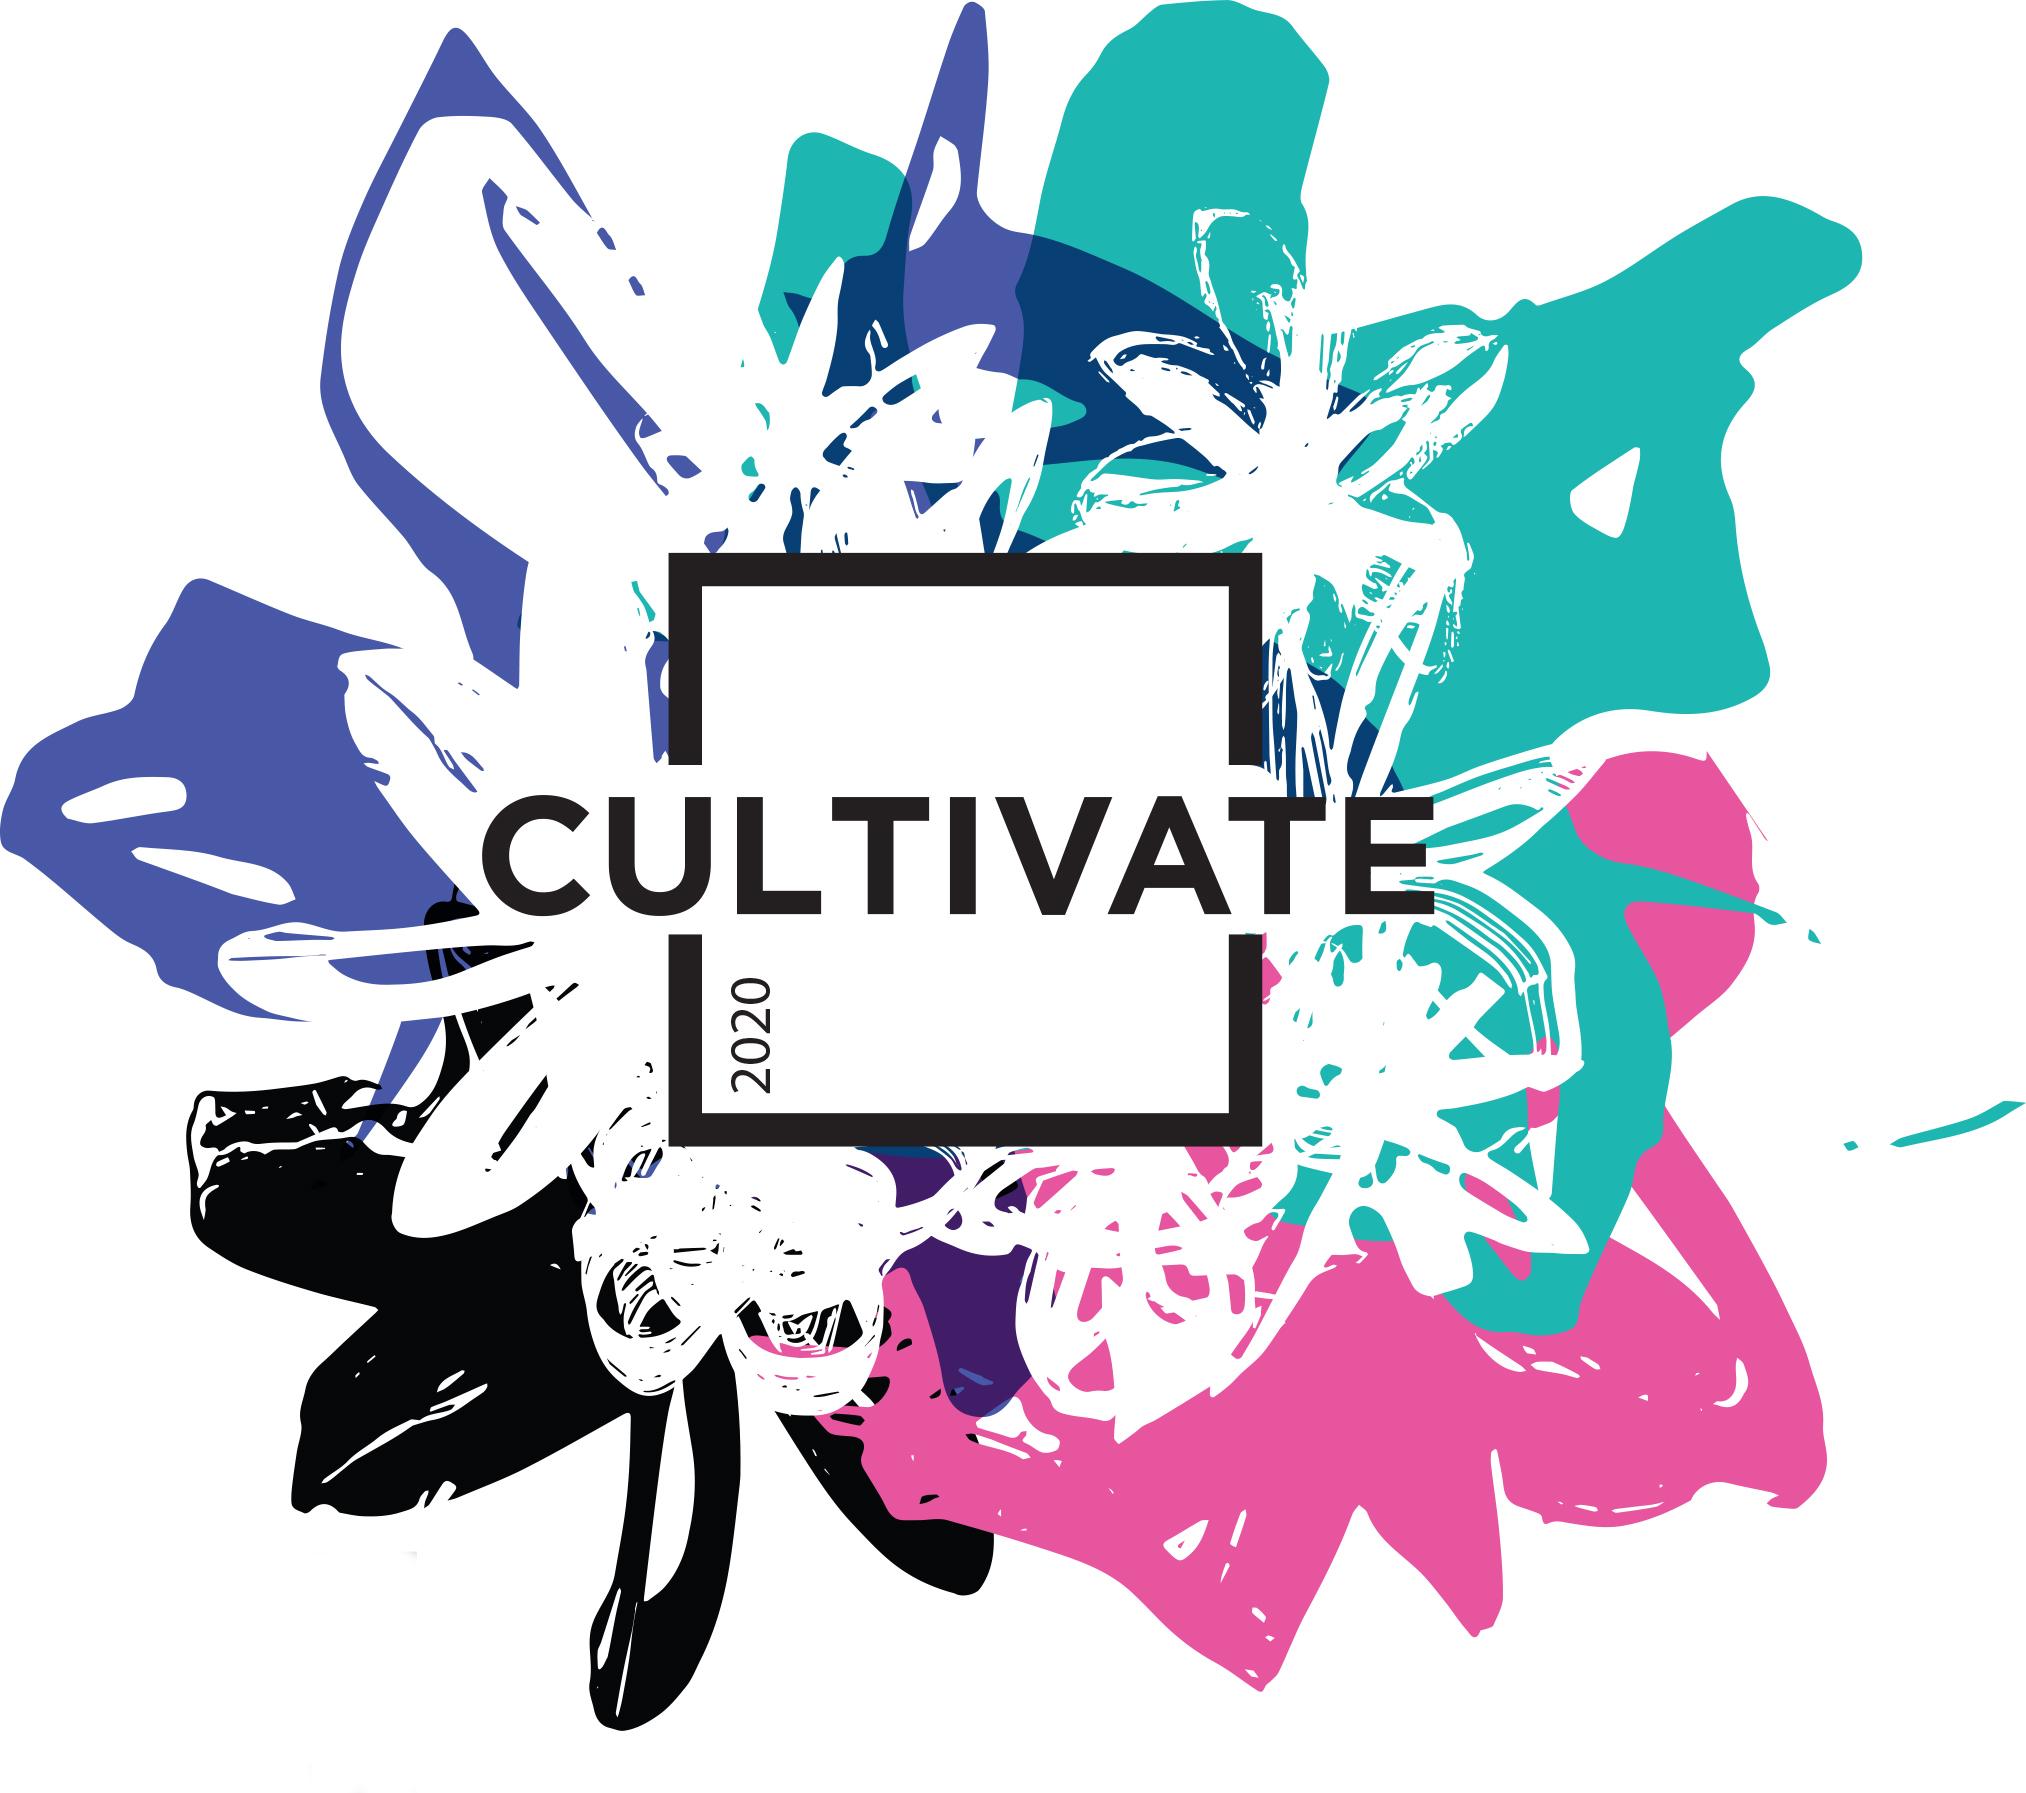 Cultivate2020